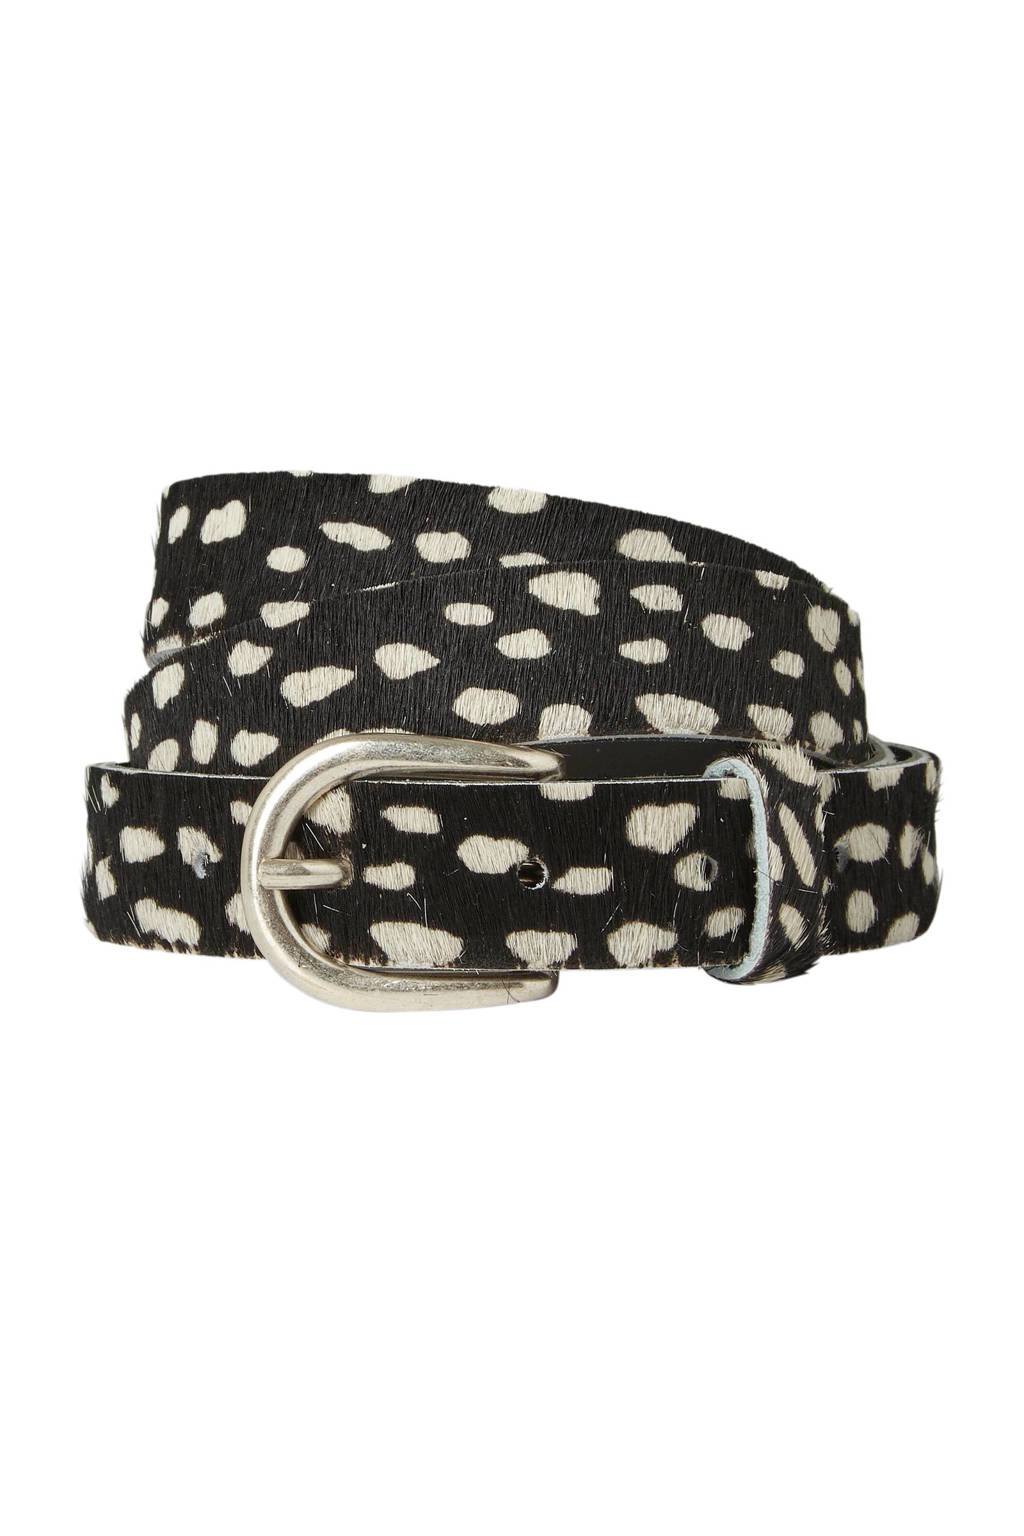 Cowboysbag Cowboysbelt riem met all over print zwart, Zwart/ecru